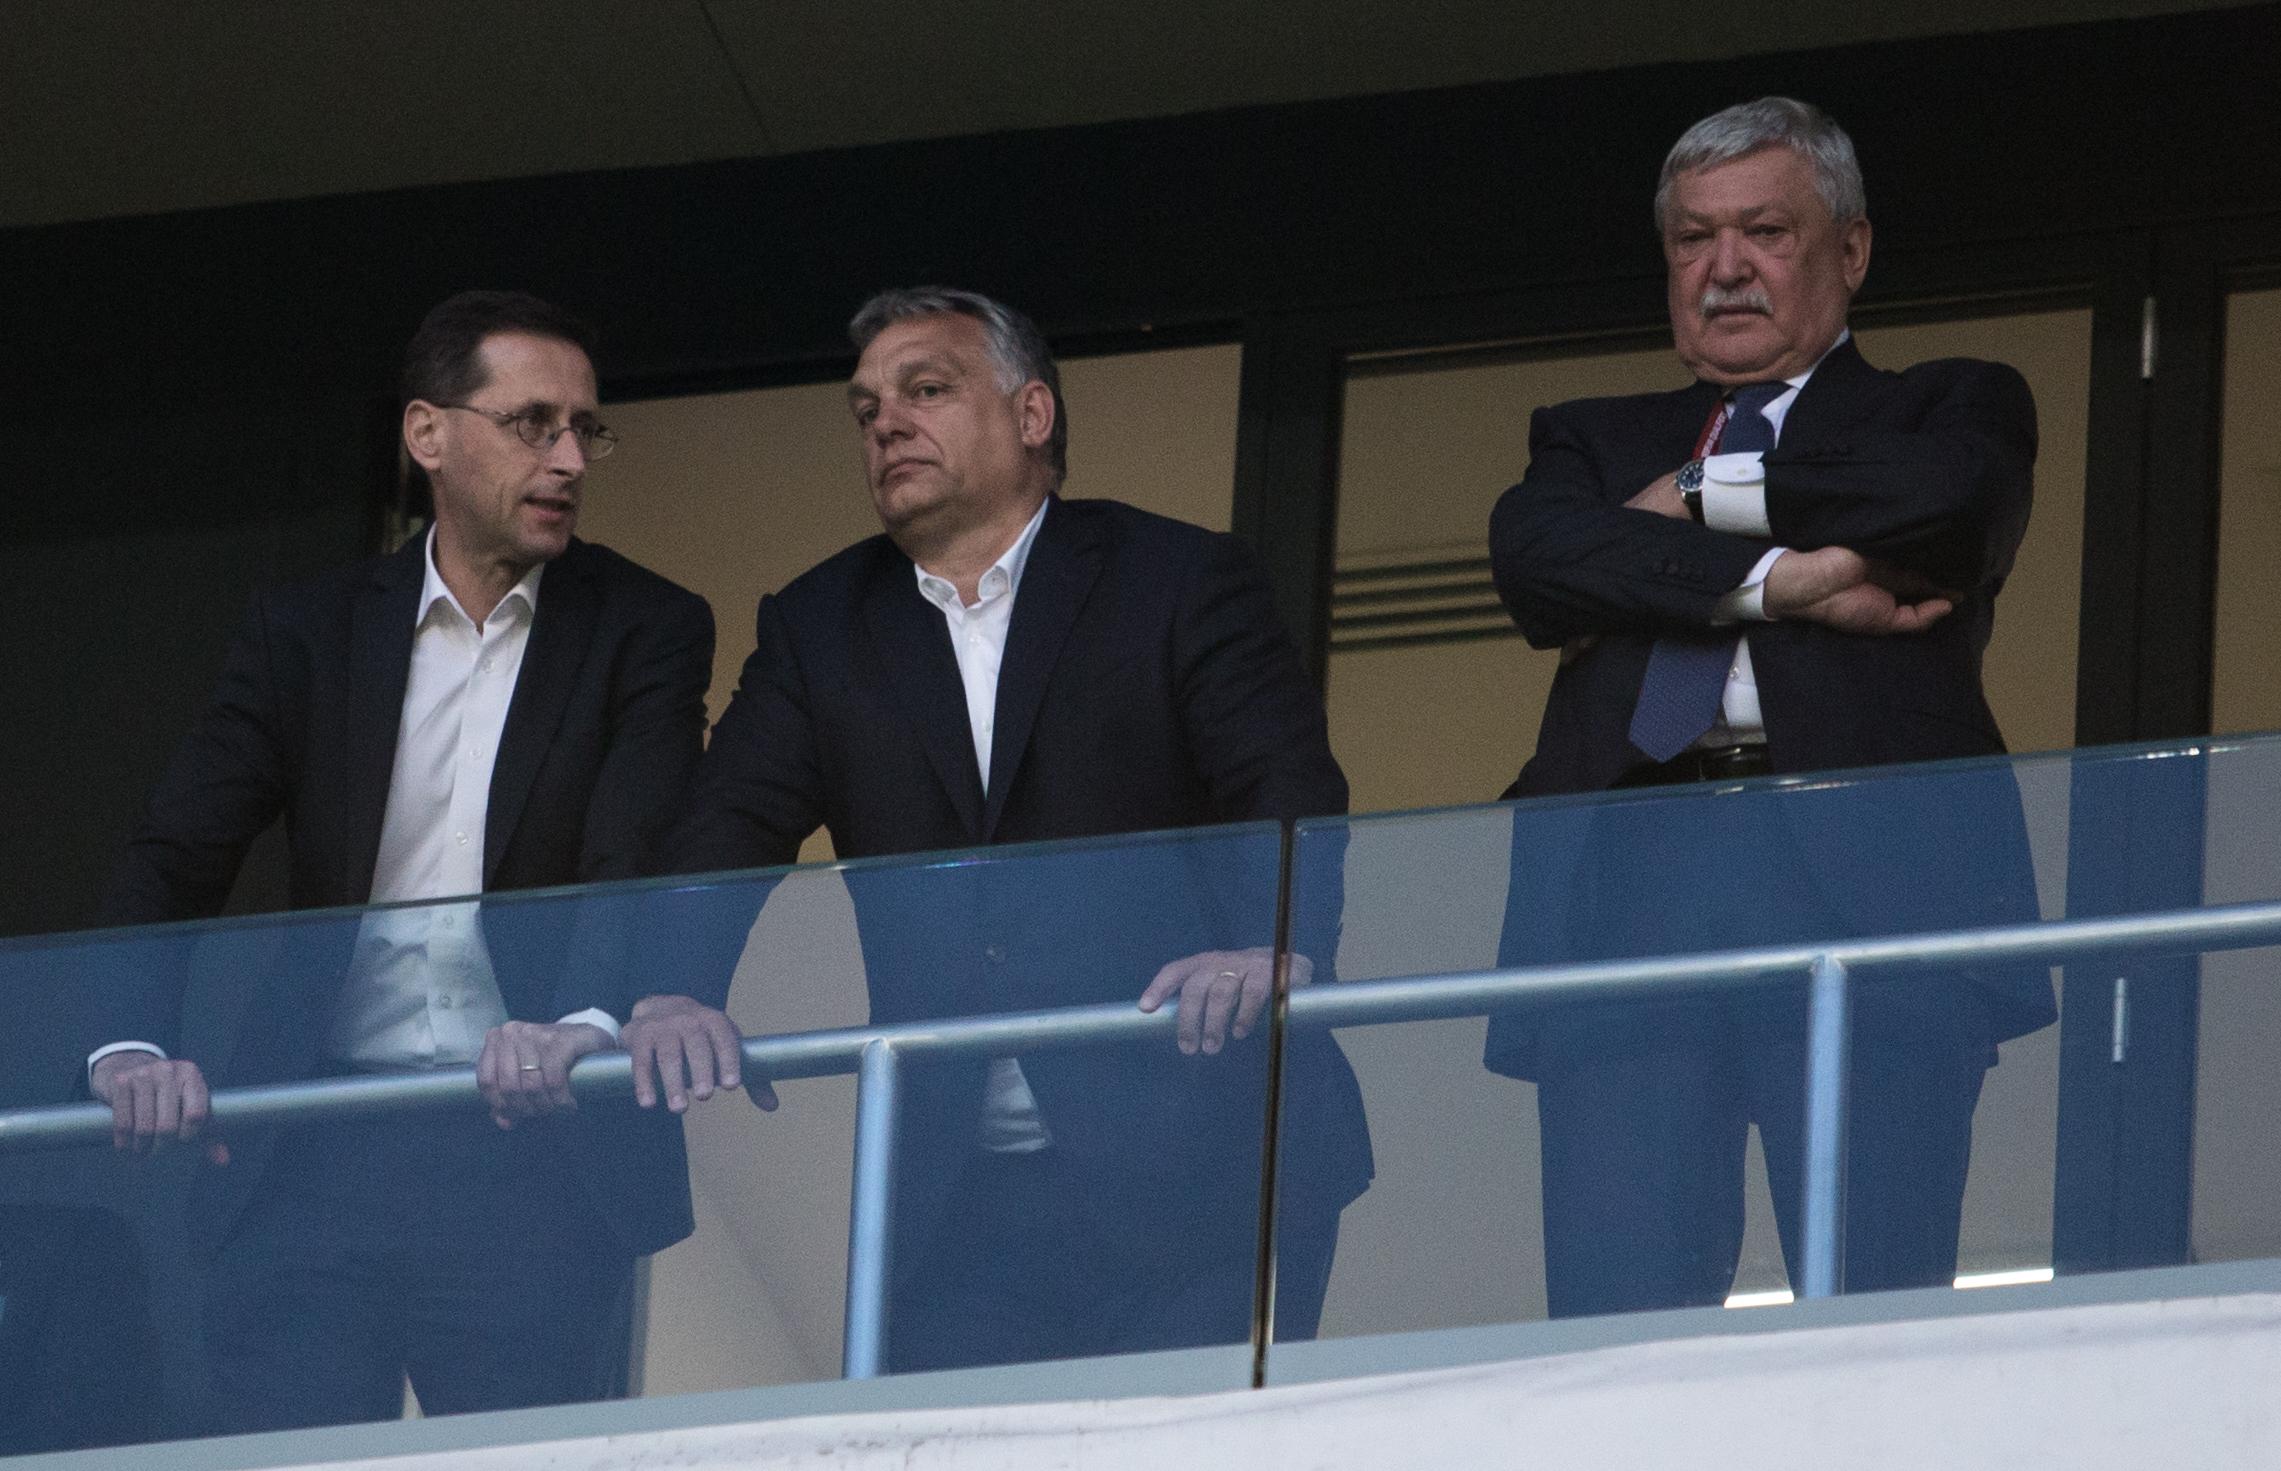 Új stadiont ígért Pécsnek Orbán